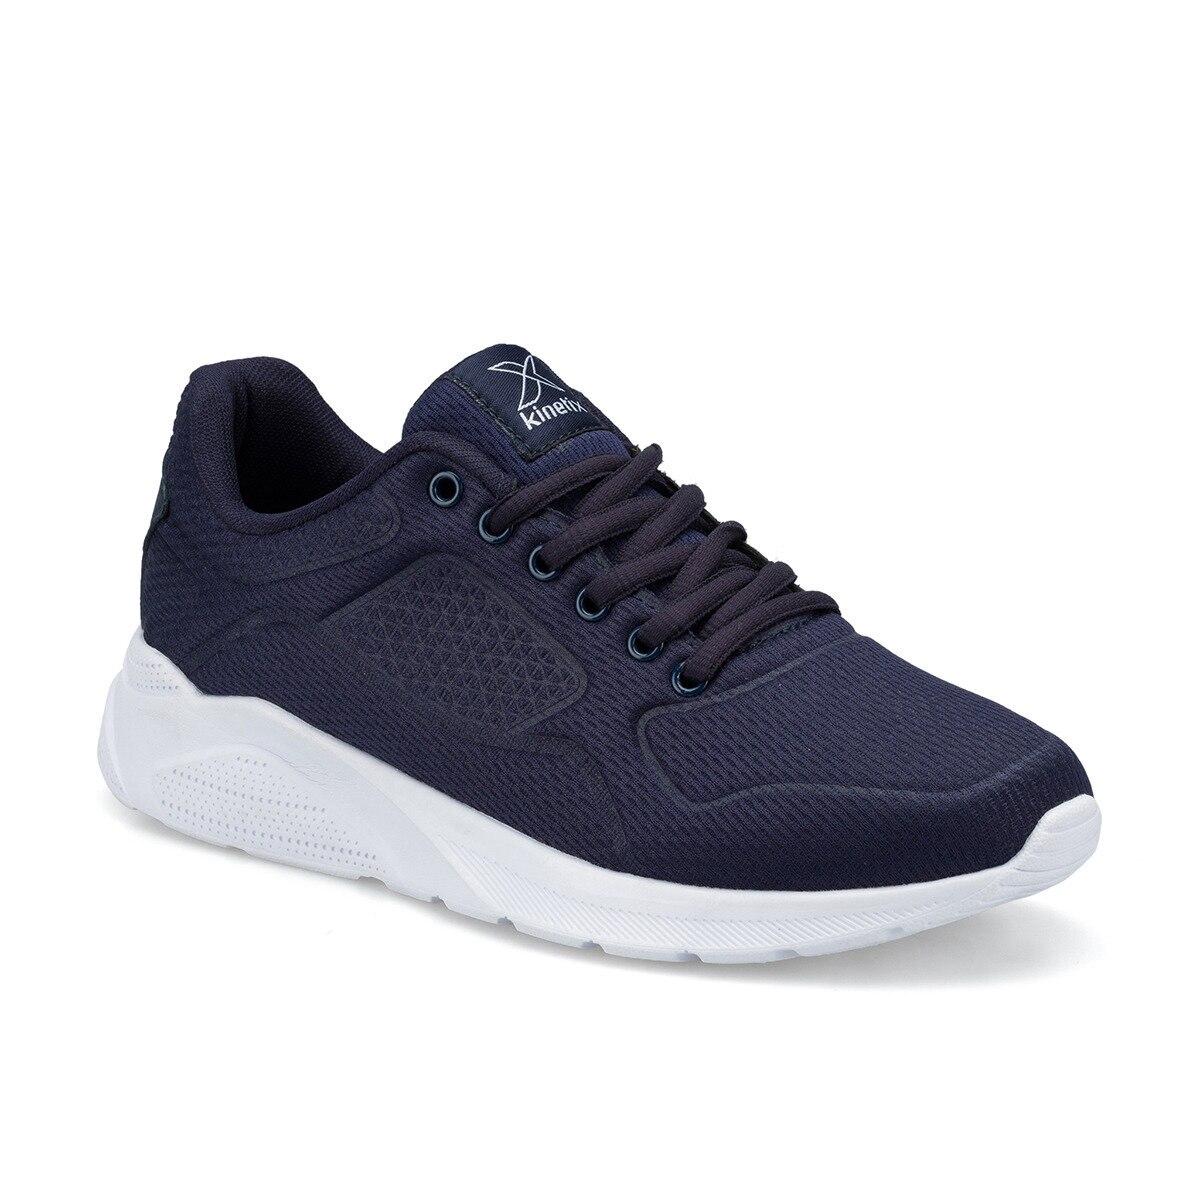 FLO MORELL W Navy Blue Women 'S Sneaker Shoes KINETIX